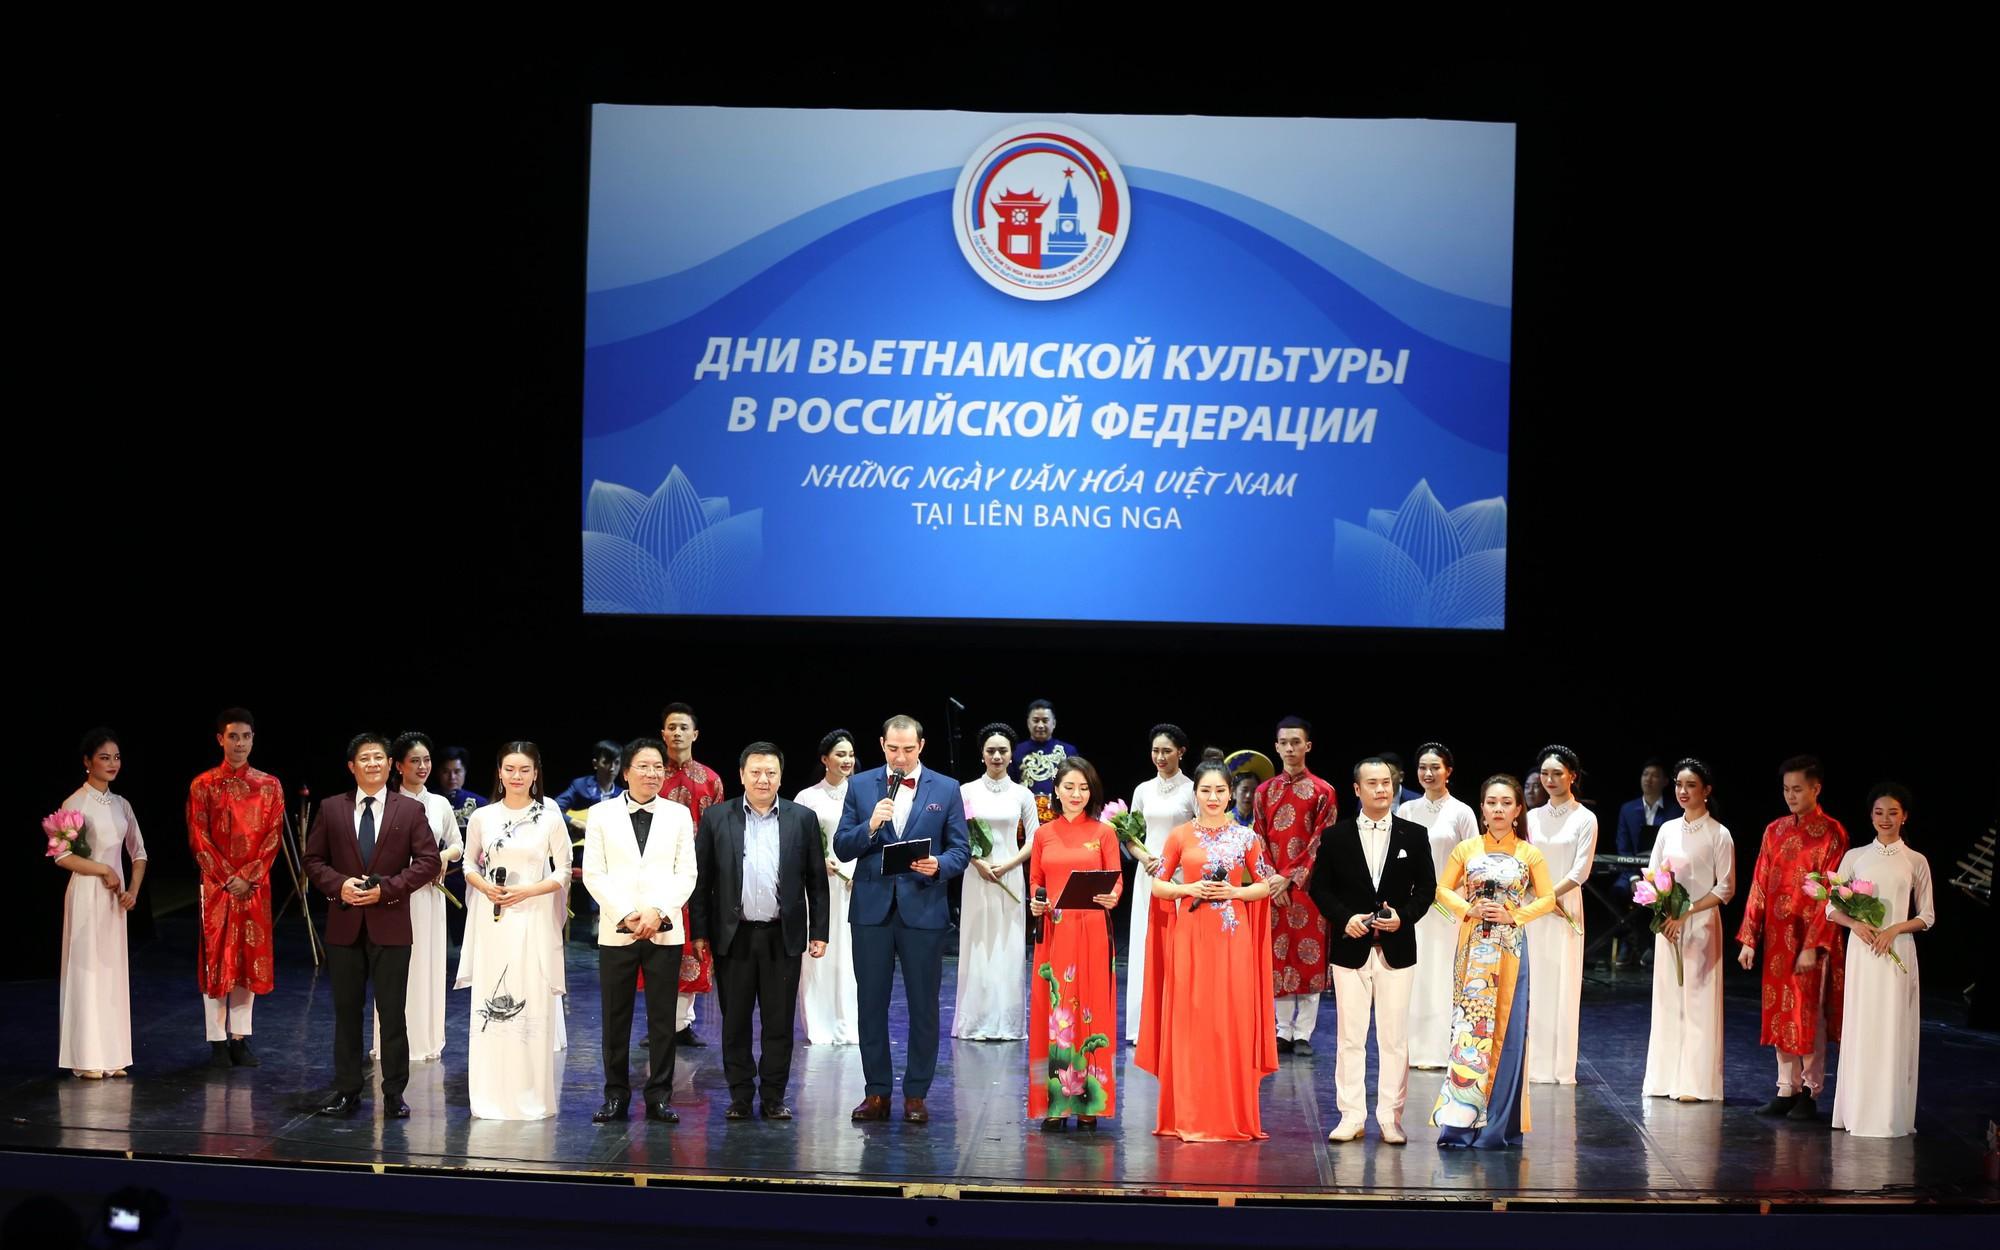 Nghệ thuật Việt Nam tiếp tục toả sáng tại Cố đô St.Petersburg, Liên bang Nga